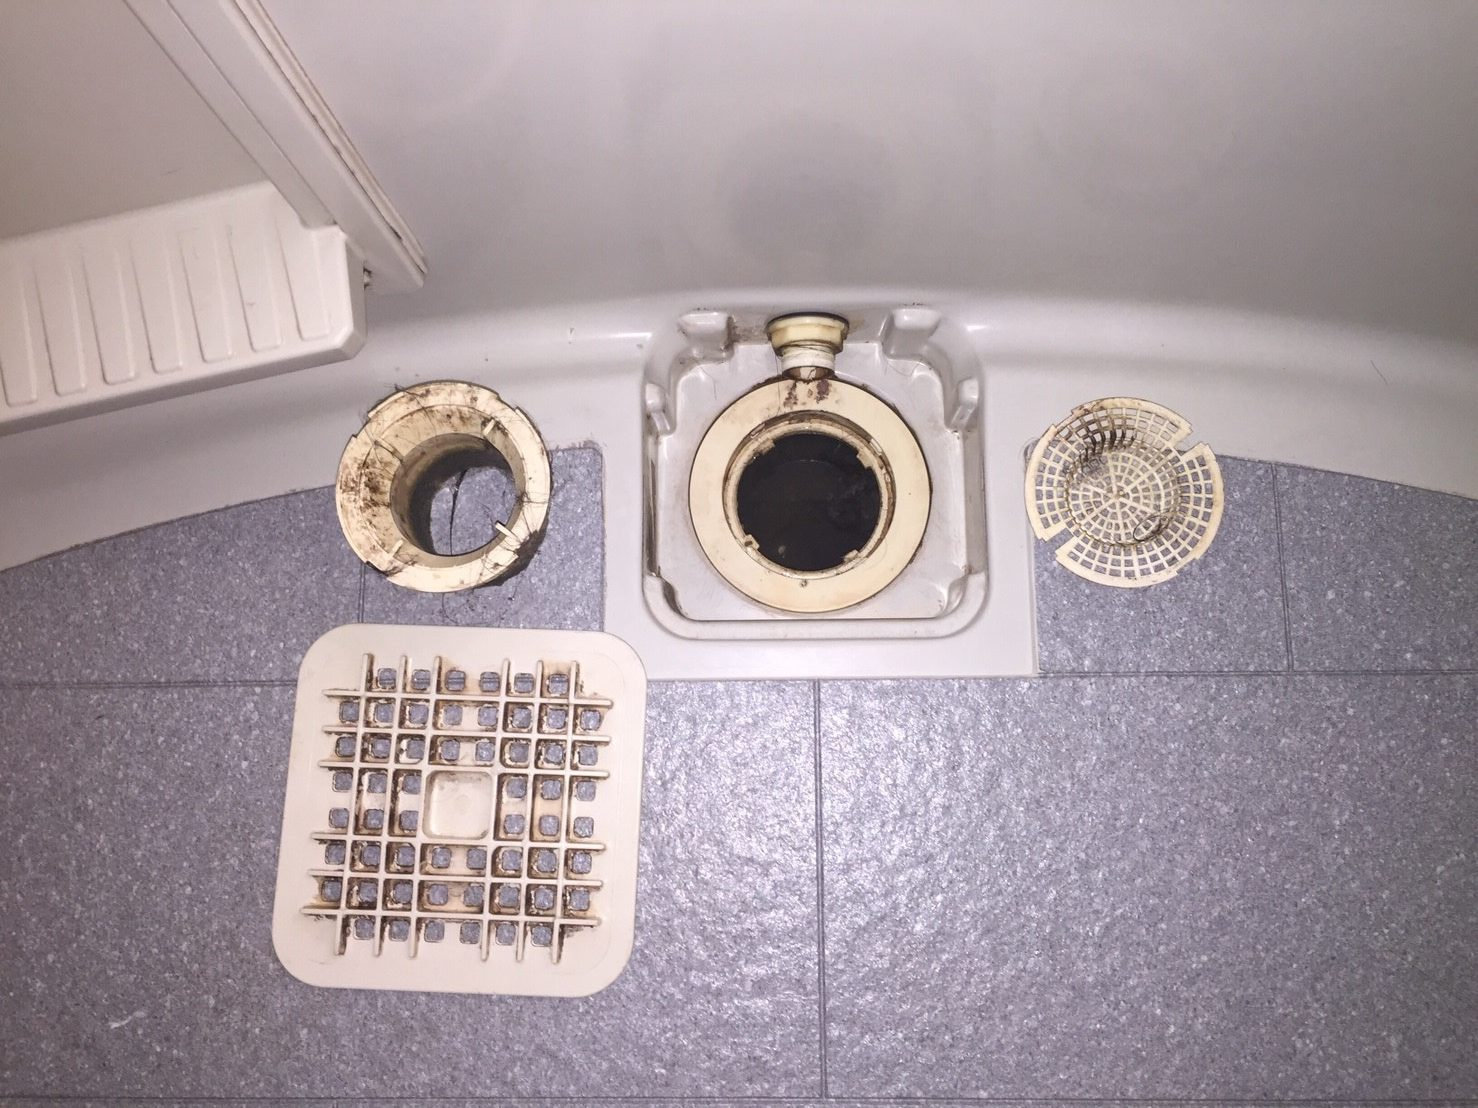 伊丹市 お風呂(浴室)「排水口のお掃除」ハウスクリーニング/お掃除 おそうじプラス